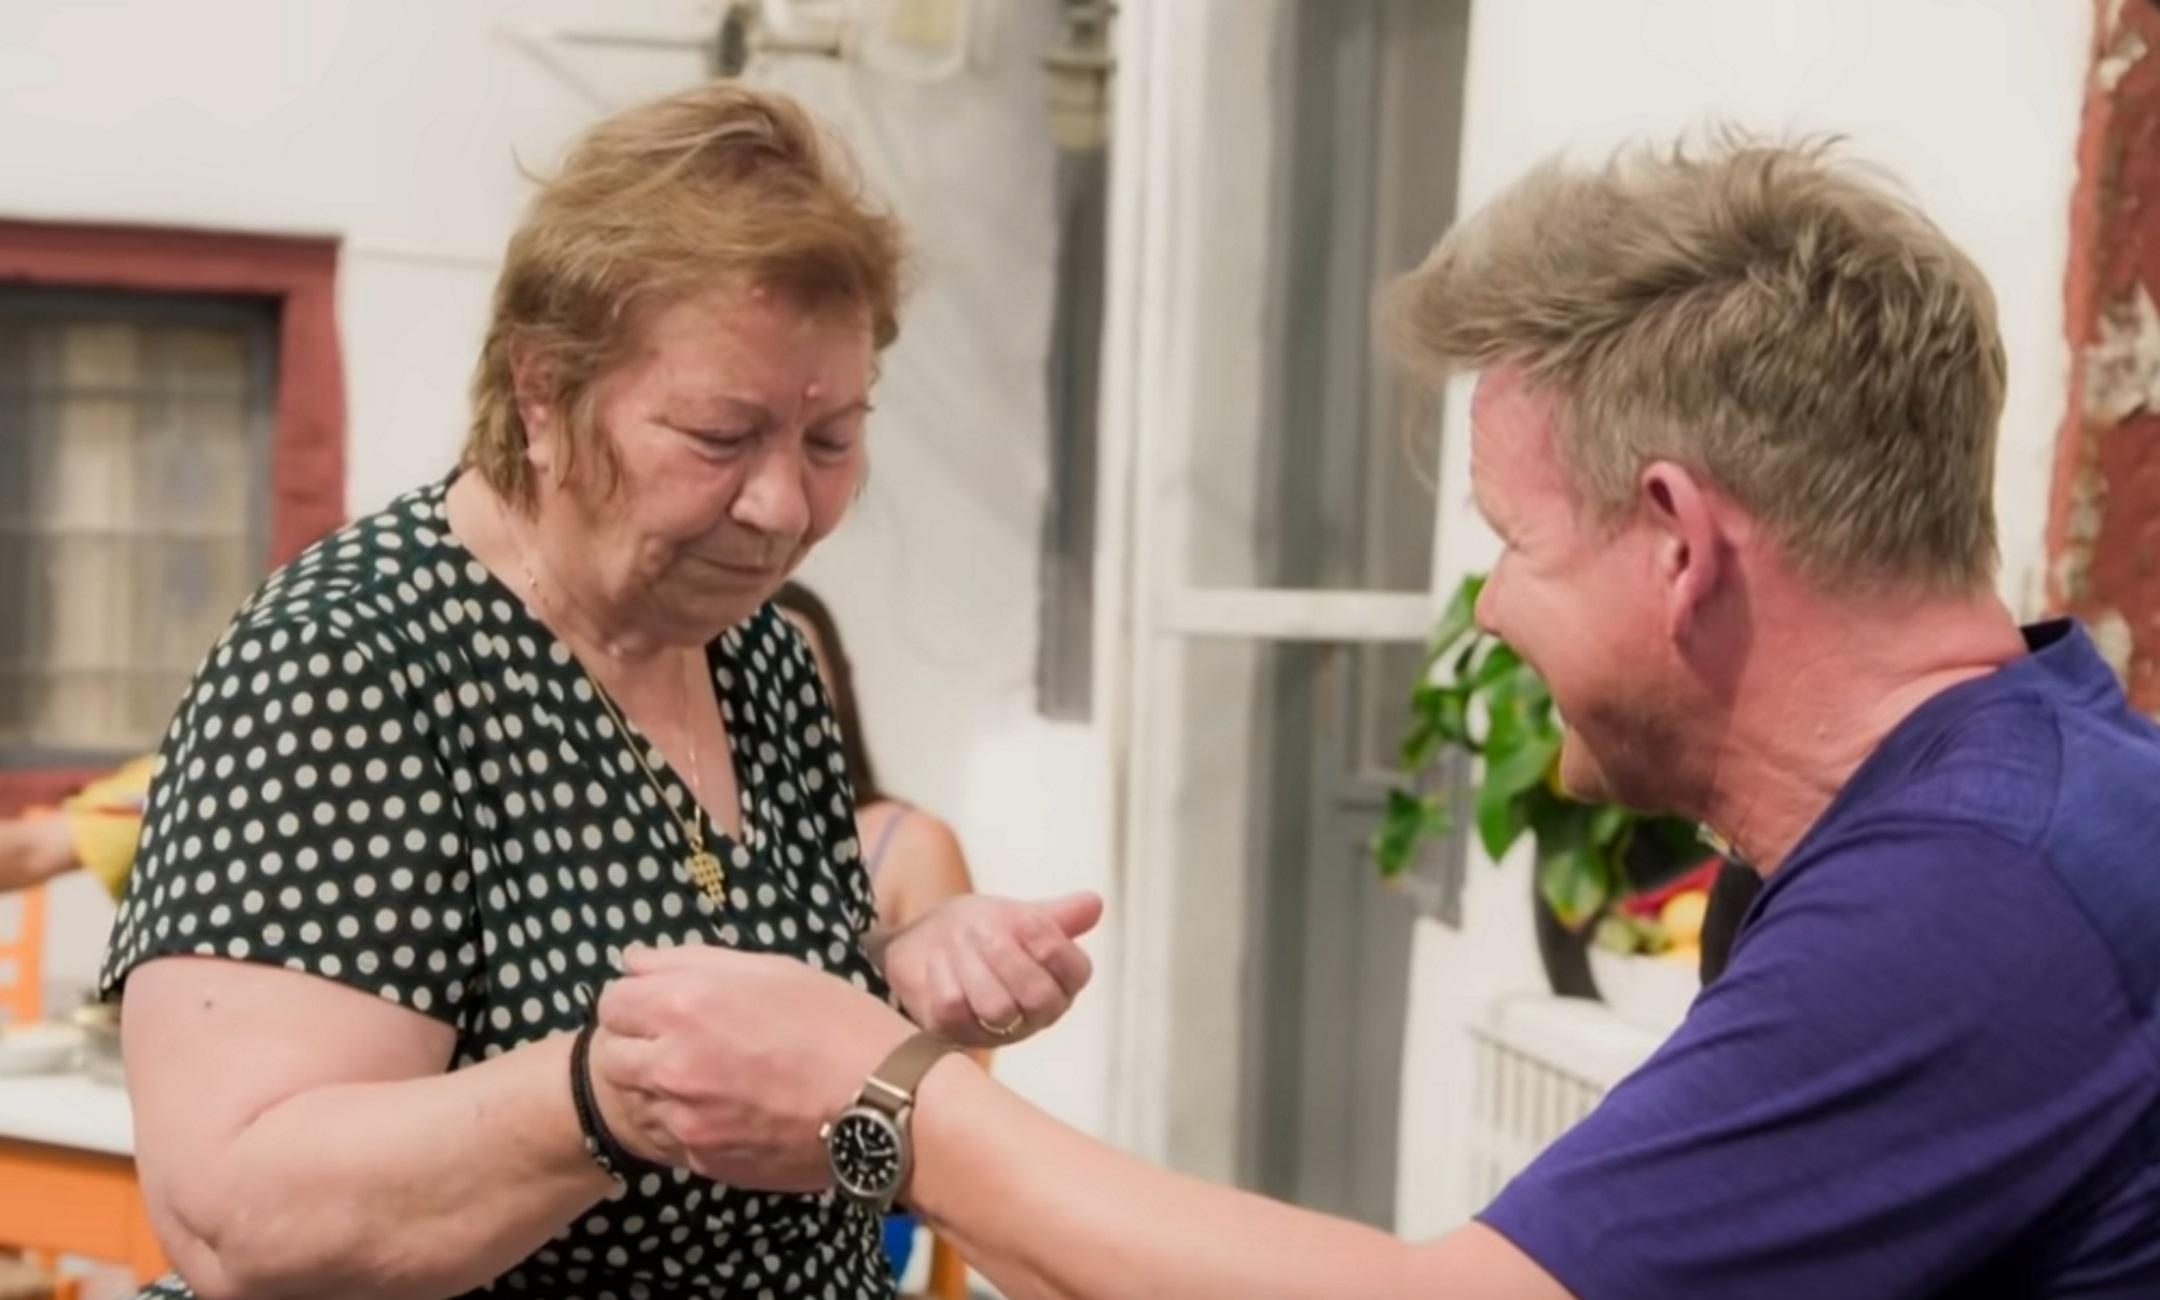 Σαντορίνη: Η γιαγιά που βρήκε «λύσσα» το φαγητό του Γκόρντον Ράμσεϊ εξηγεί το λάθος του σεφ